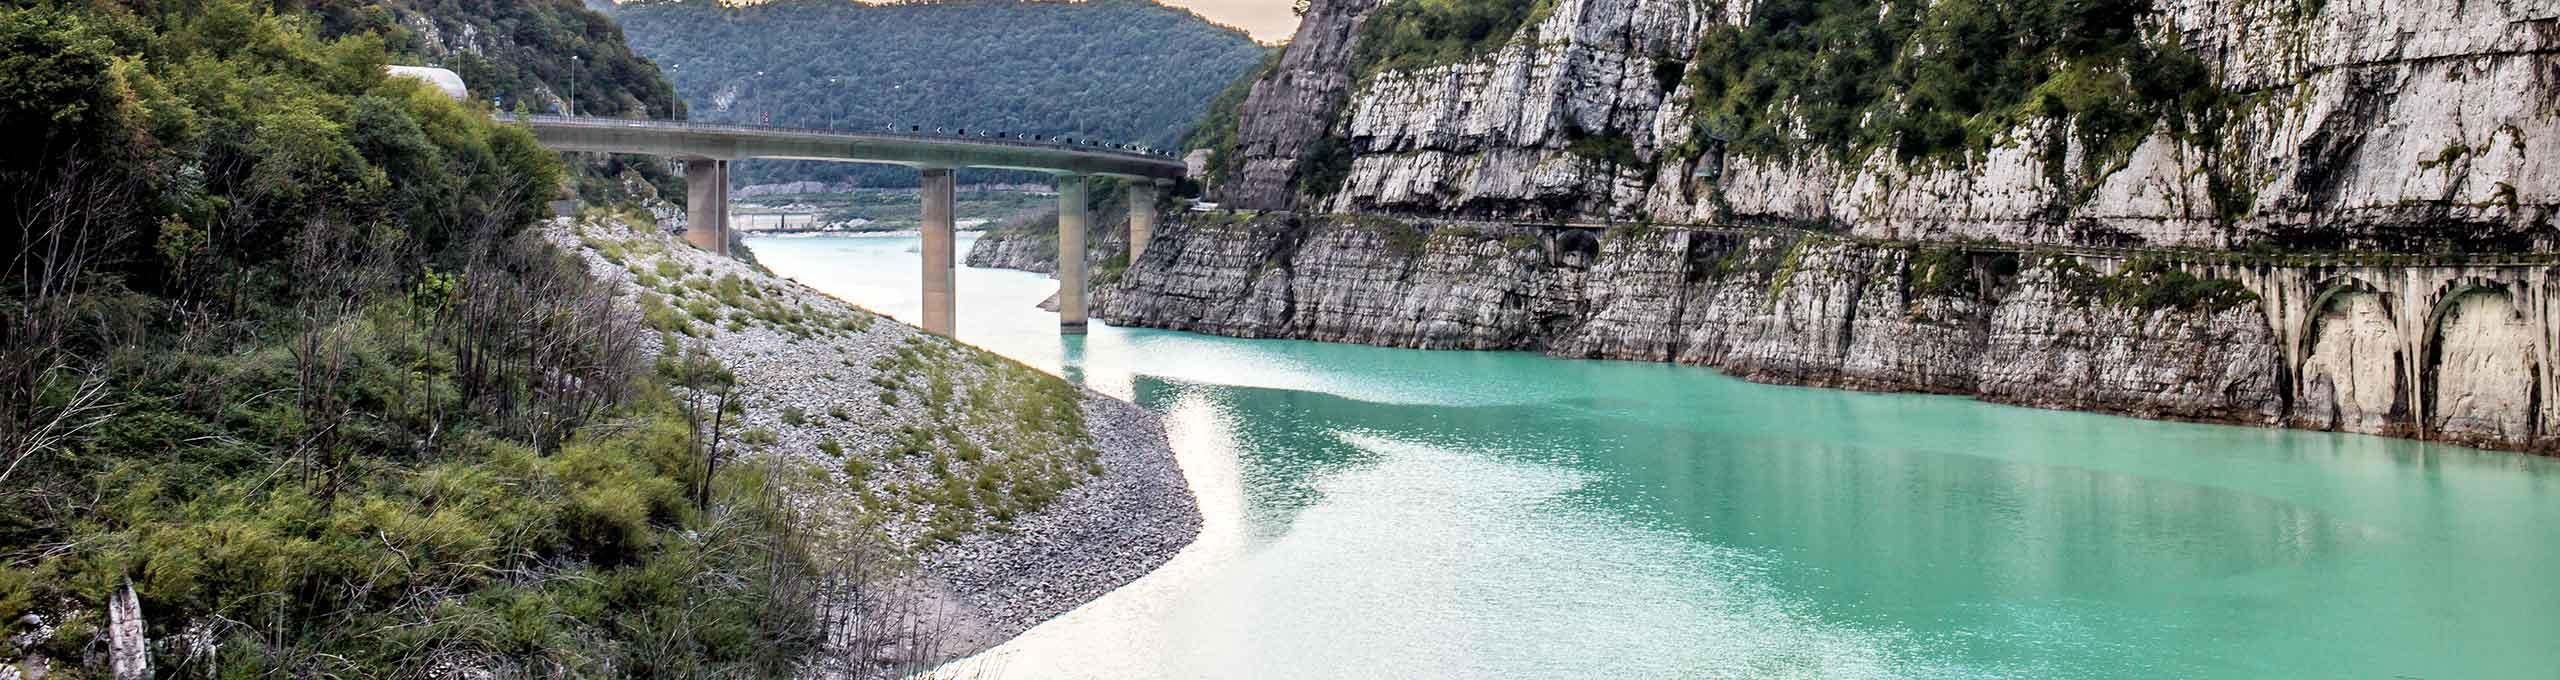 Montereale Valcellina, Piancavallo e Dolomiti Friulane